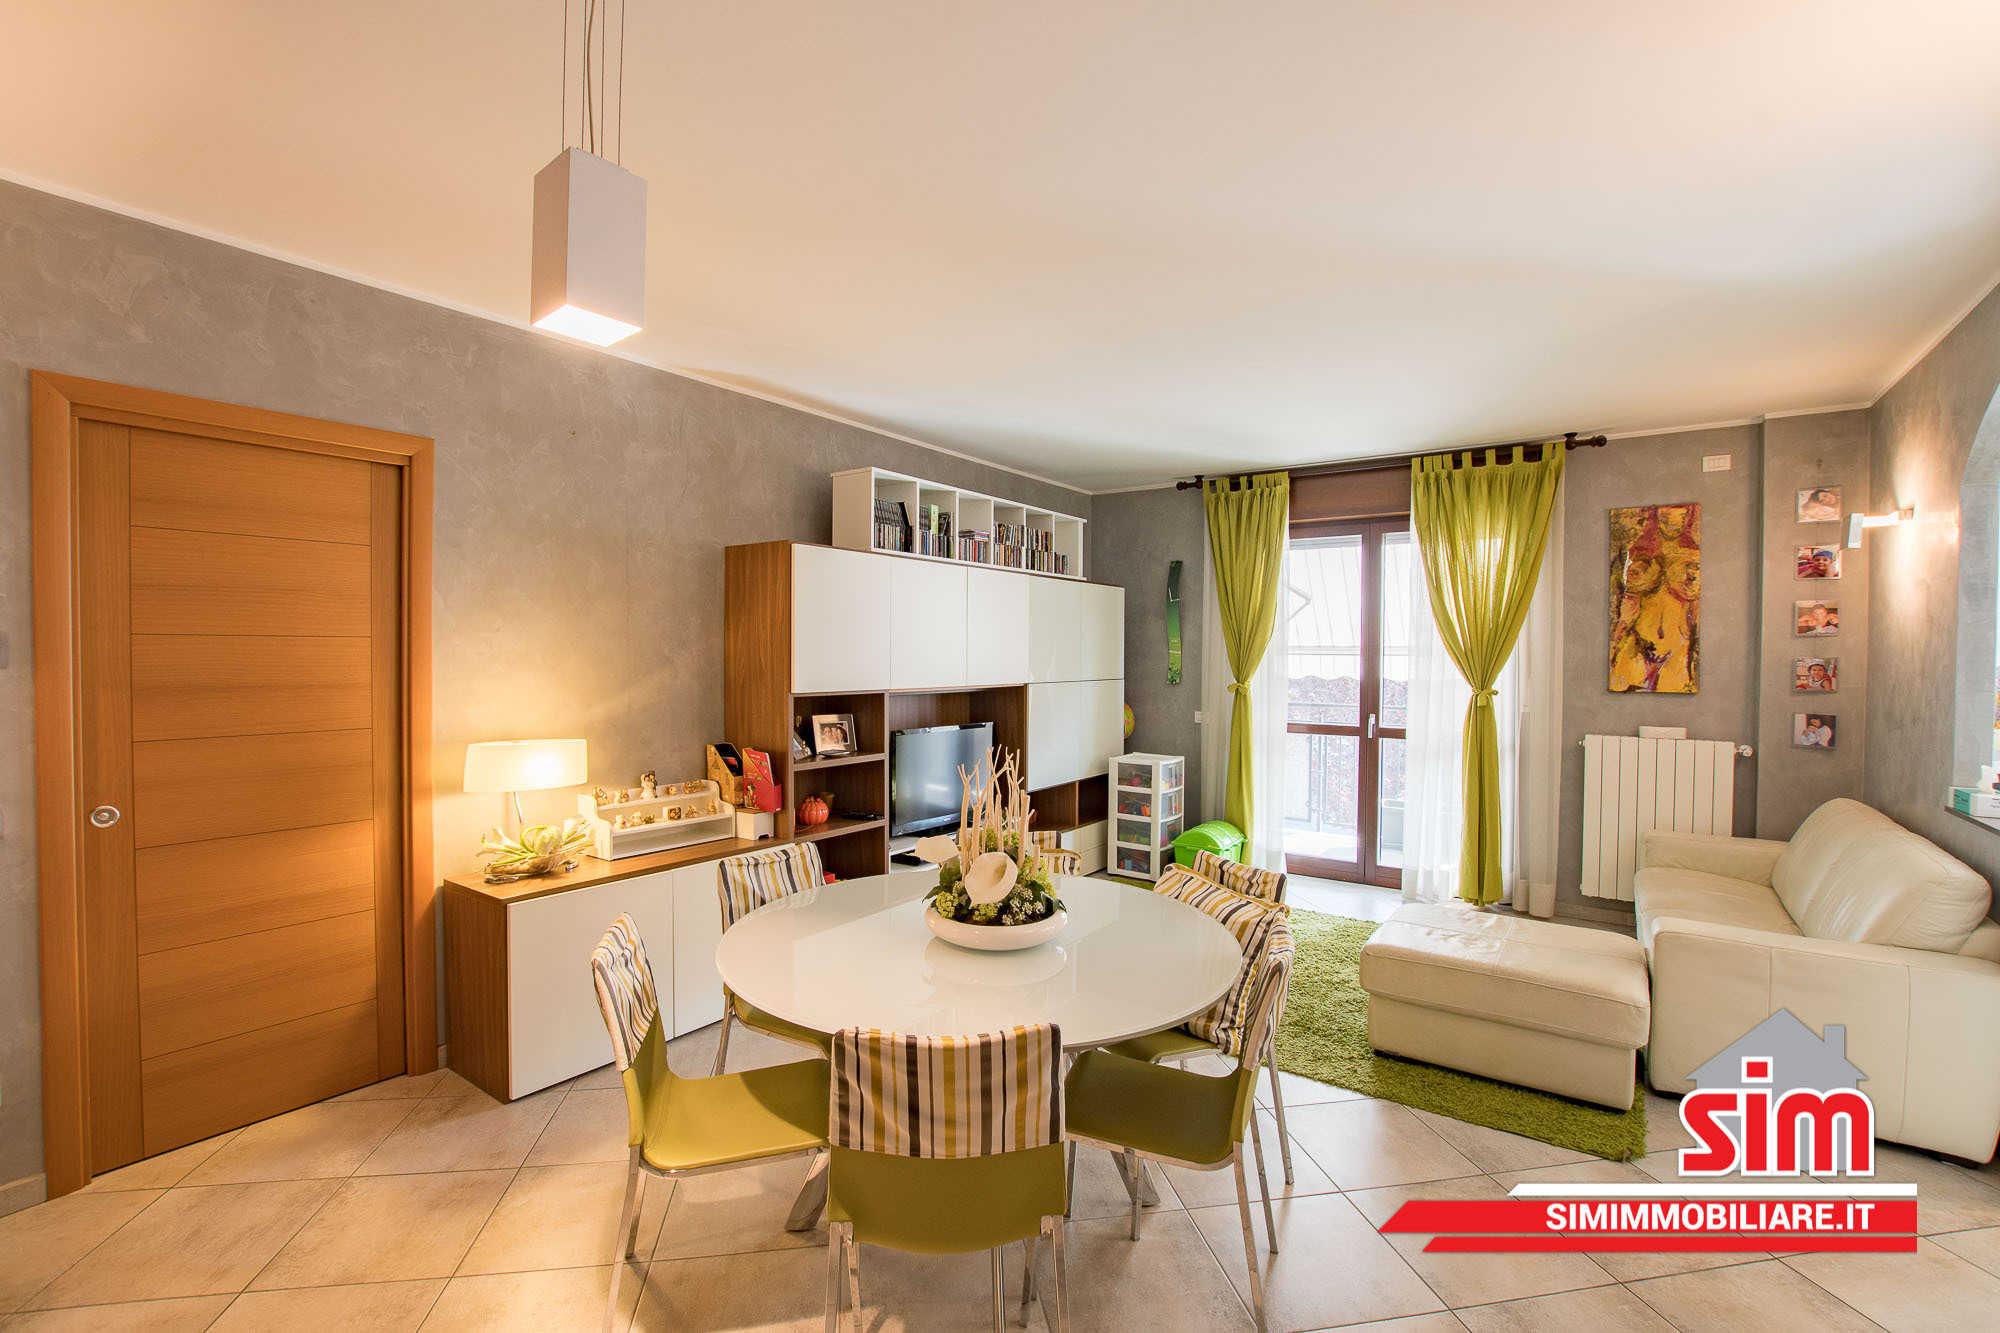 Agenzia immobiliare novara sim immobiliare s r l for Arredamento casa design interni